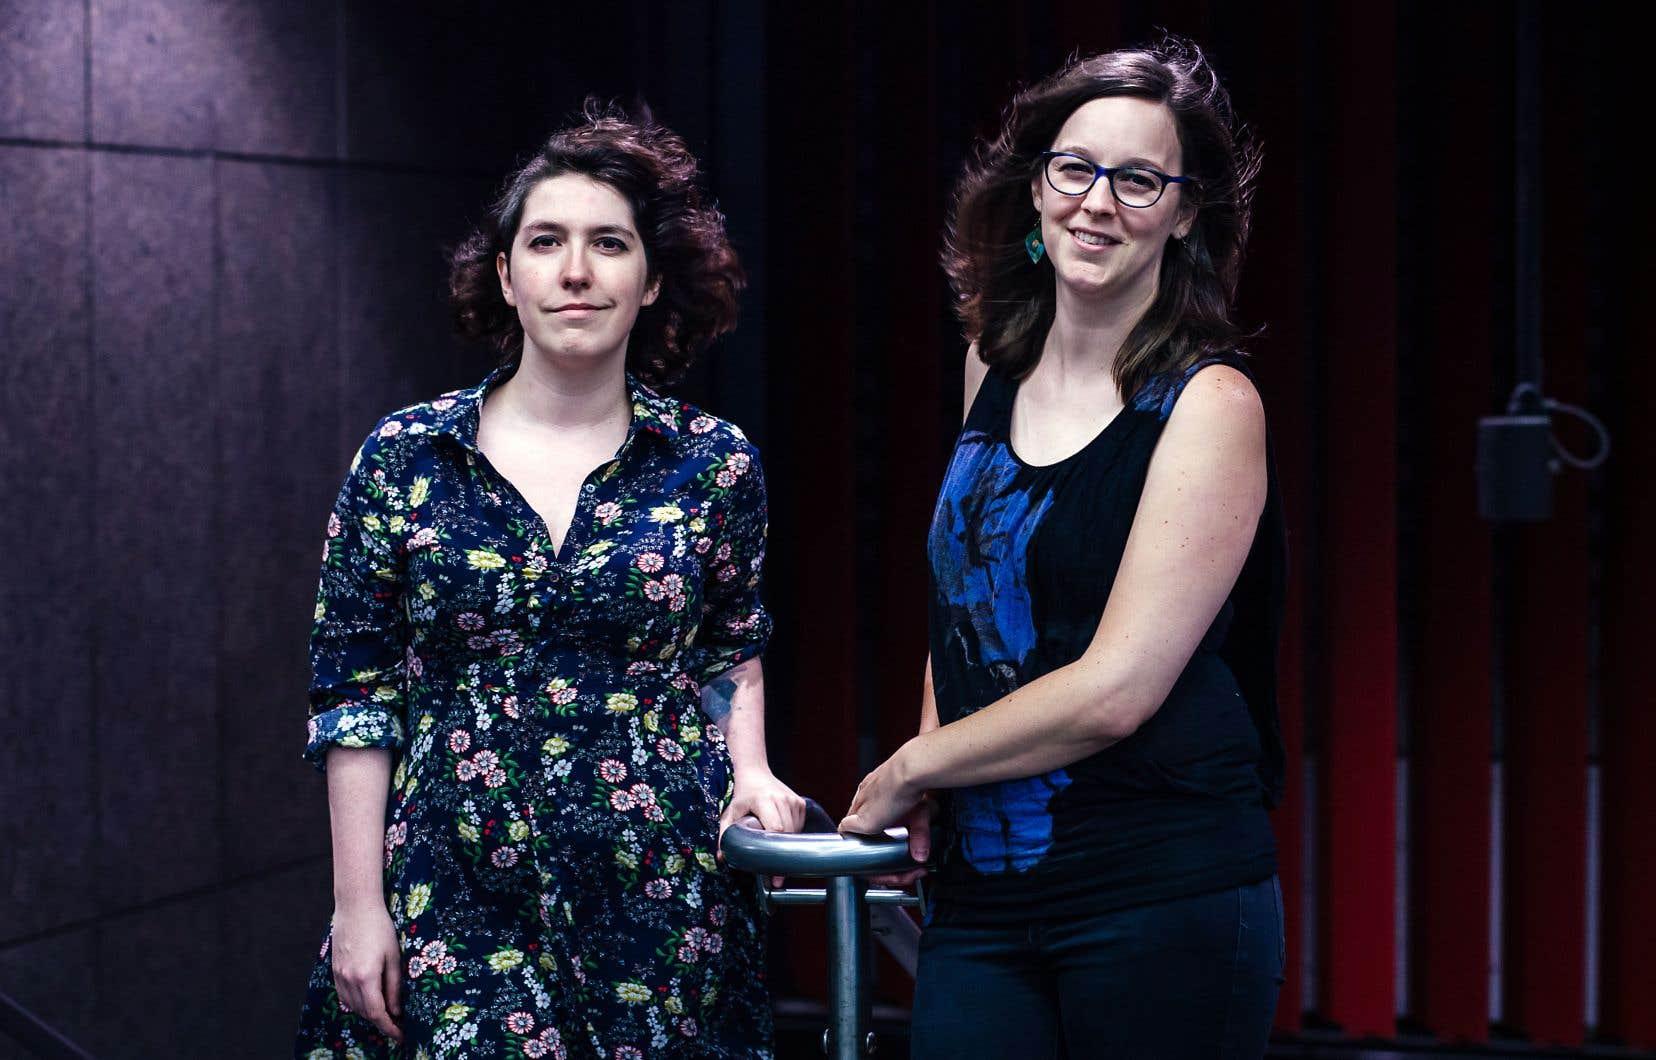 Marie Ayotte et Andrée-Anne Giguère, respectivement auteure et interprète de «Planétarium», qui sera jouée dans le cadre du Fringe